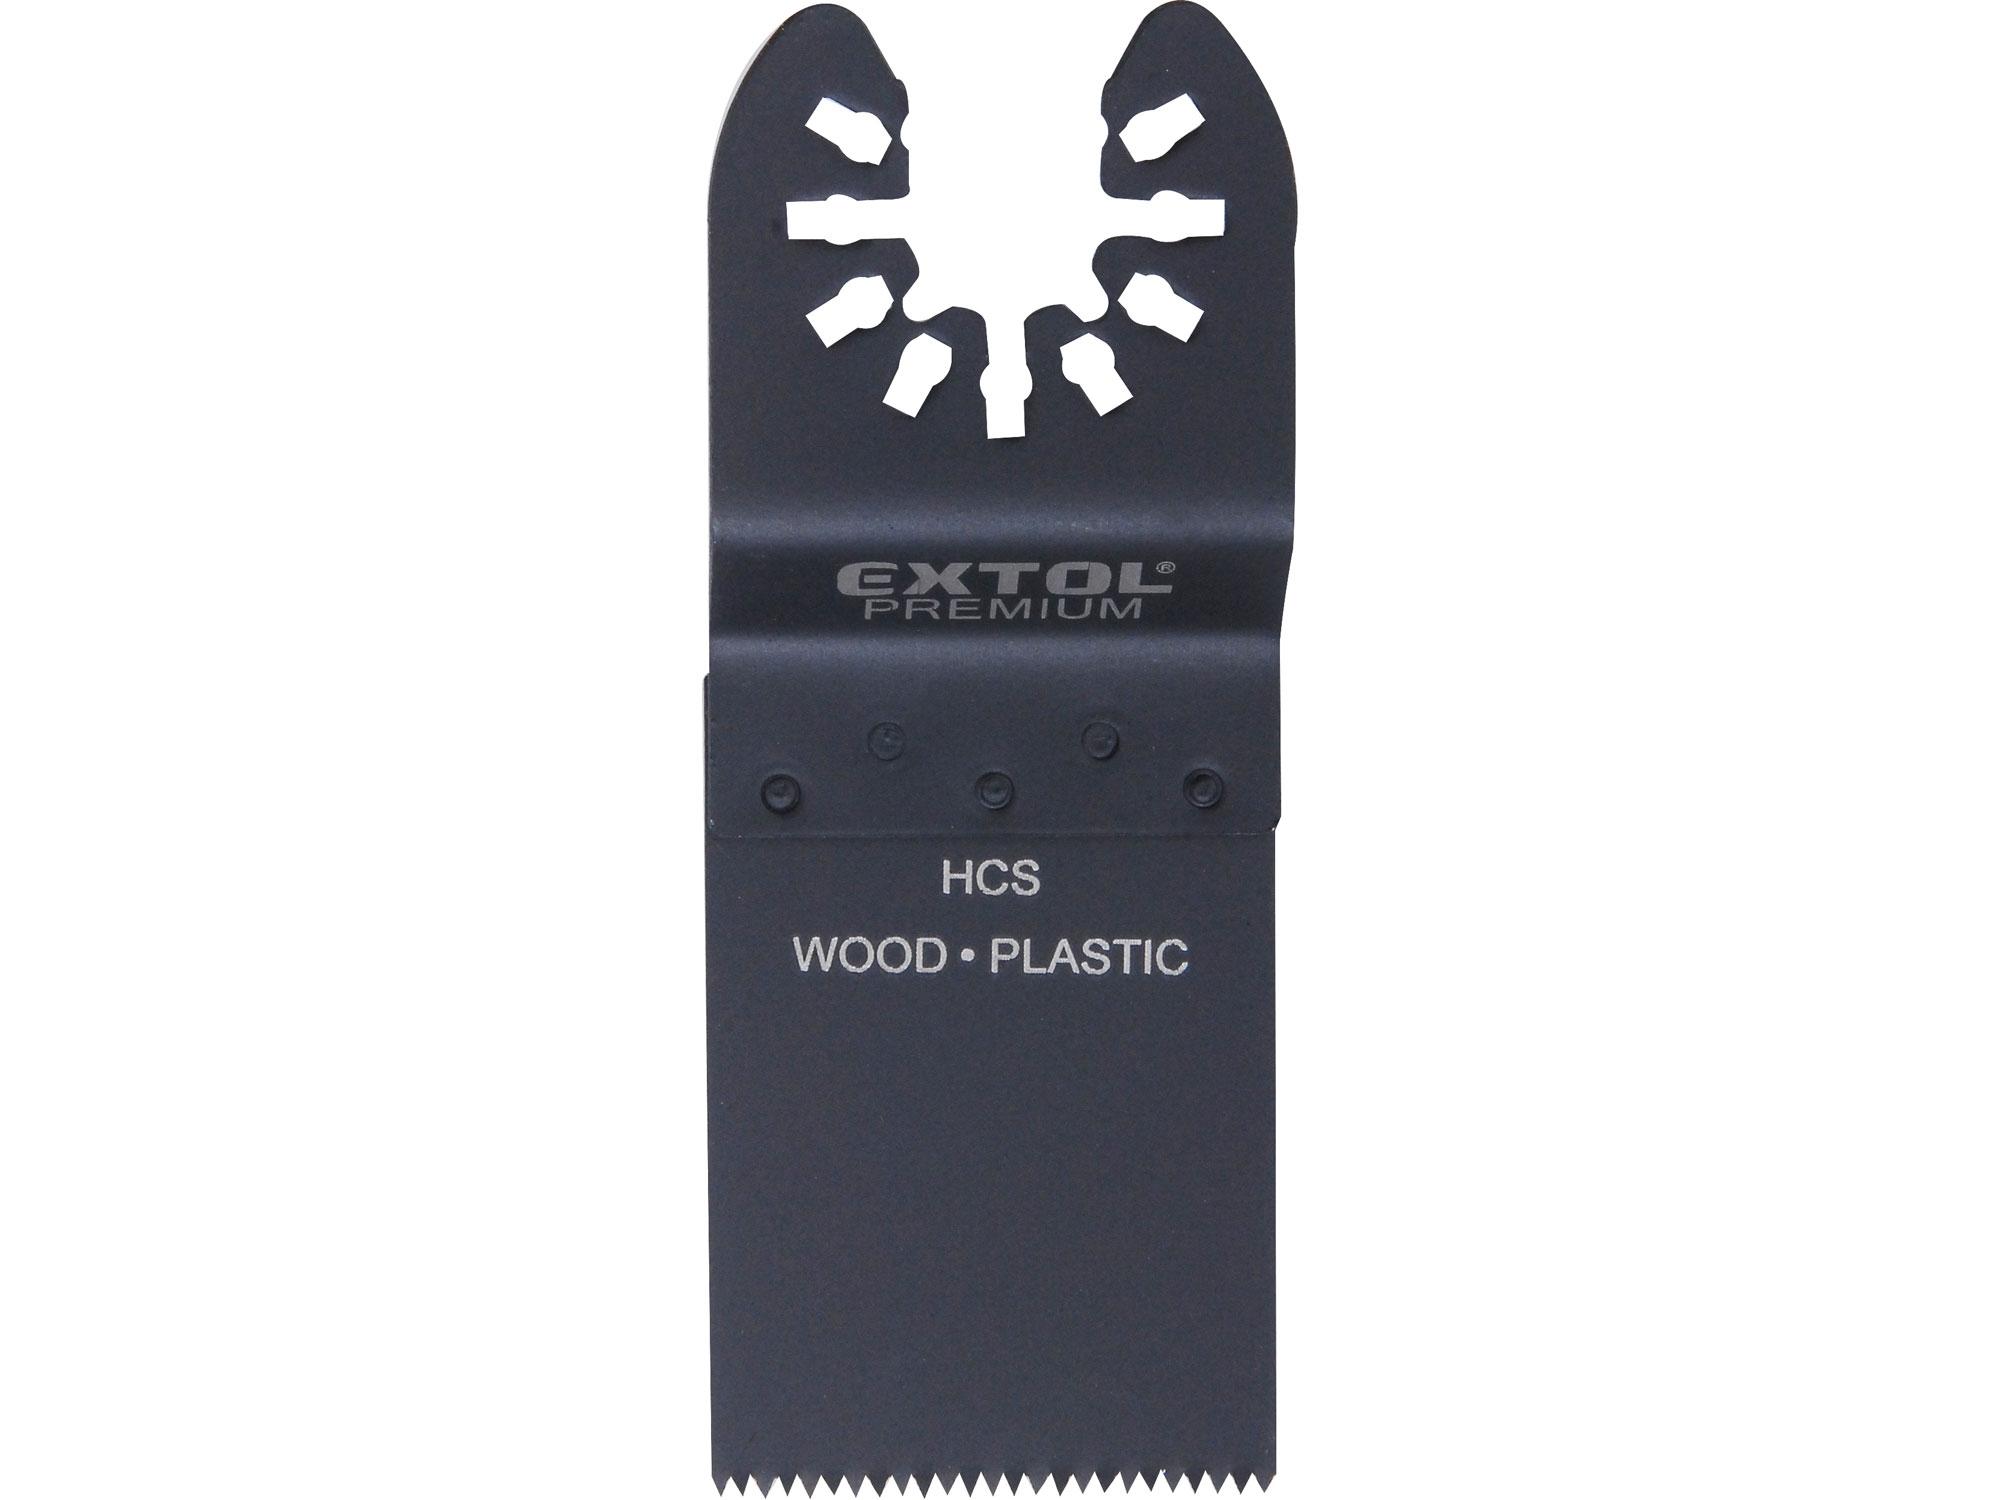 list pilový zanořovací na dřevo 2ks, 34mm, HCS, EXTOL PREMIUM 8803852